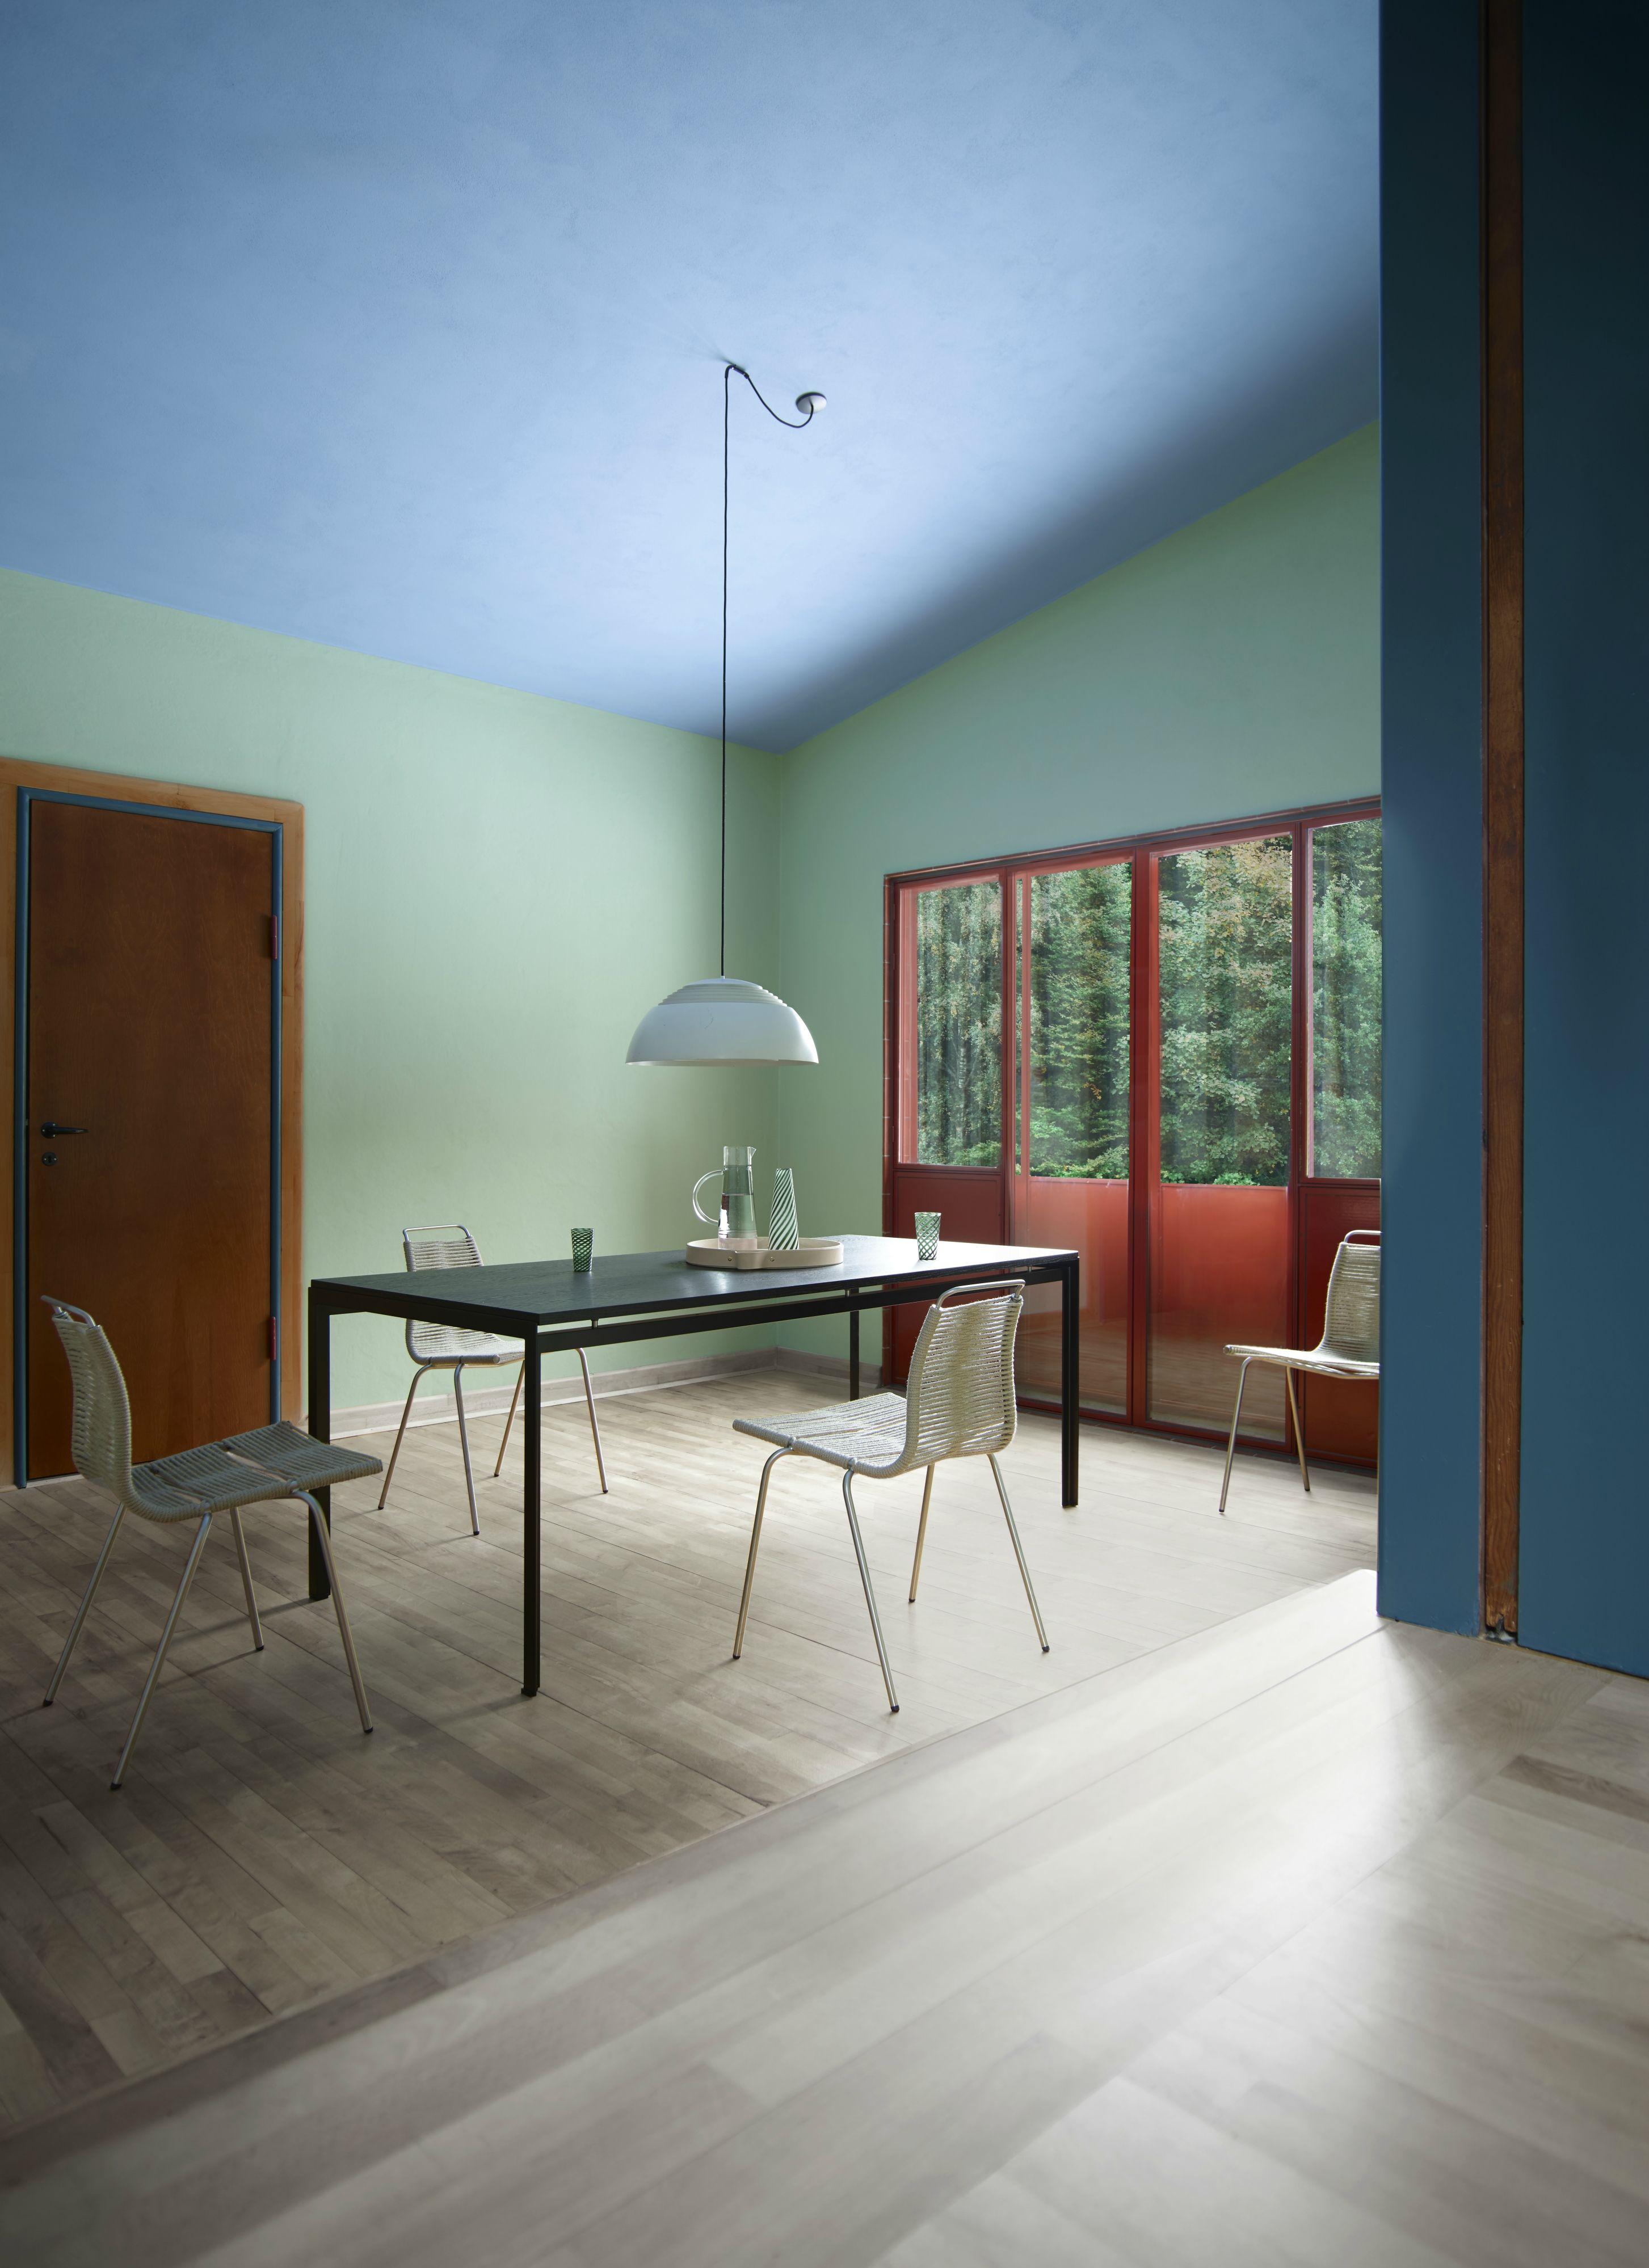 Esszimmer Farben | Farbtrend Water Esszimmer Farben Pinterest Farben Esszimmer